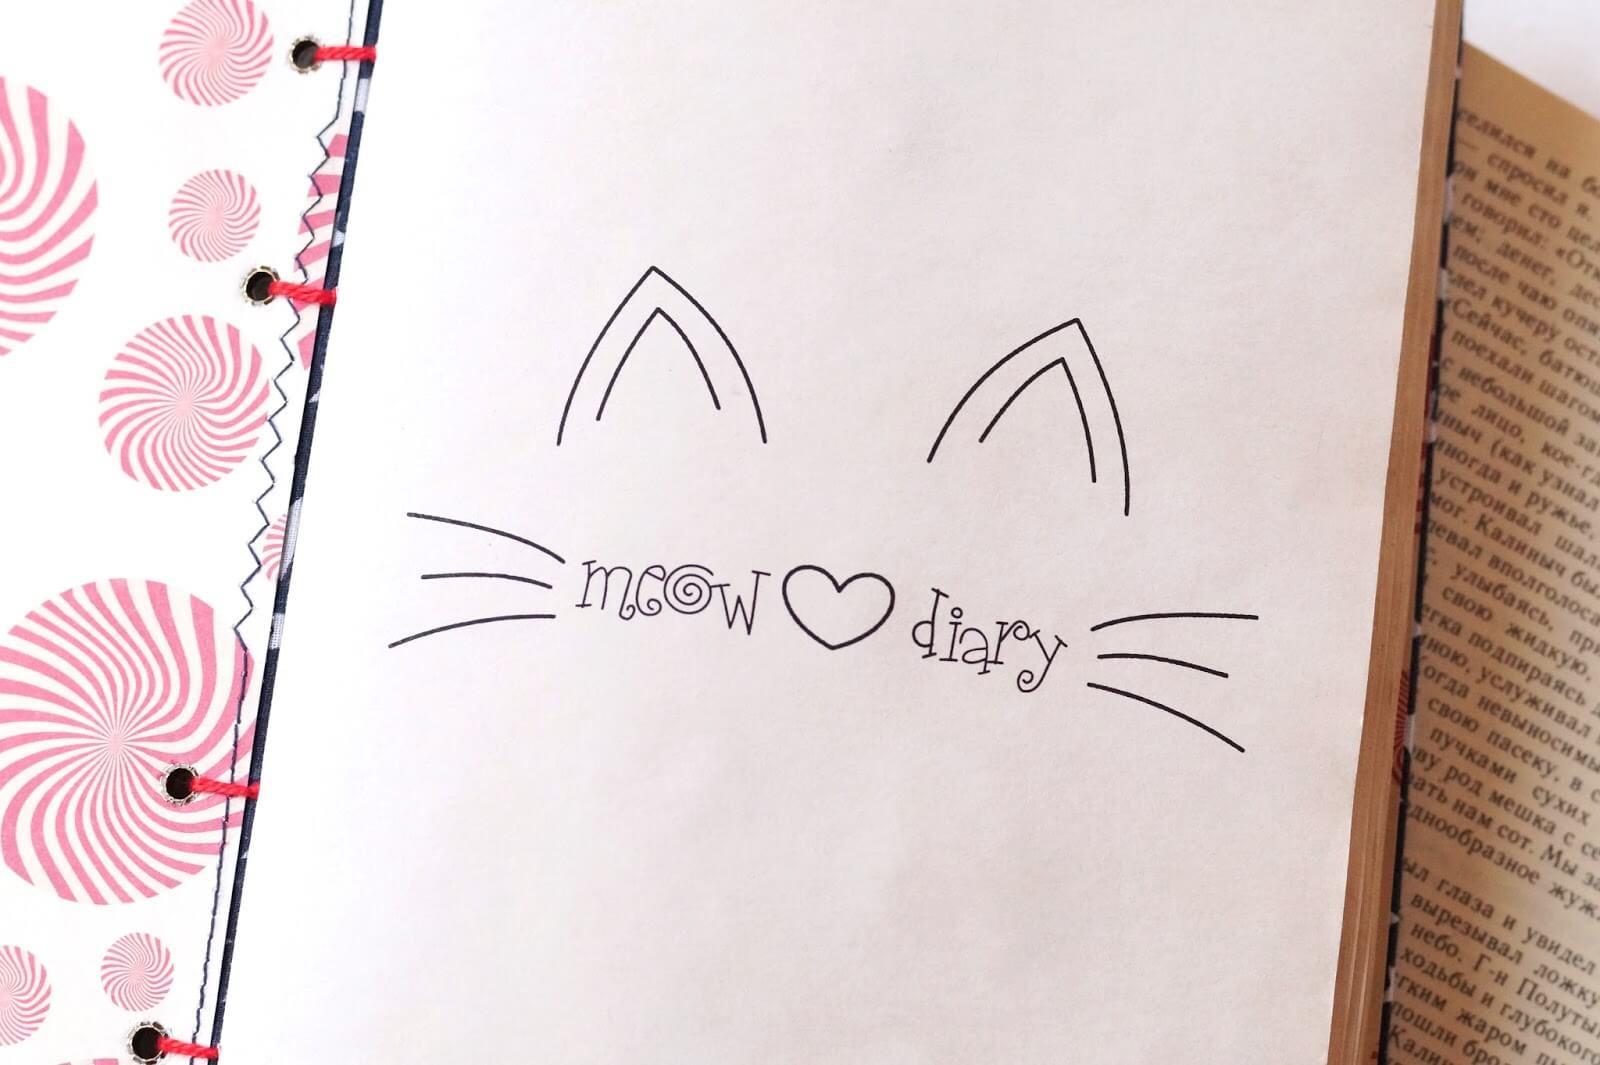 Красивые идеи и картинки для срисовки в личный дневник - сборка (21 фото) 2